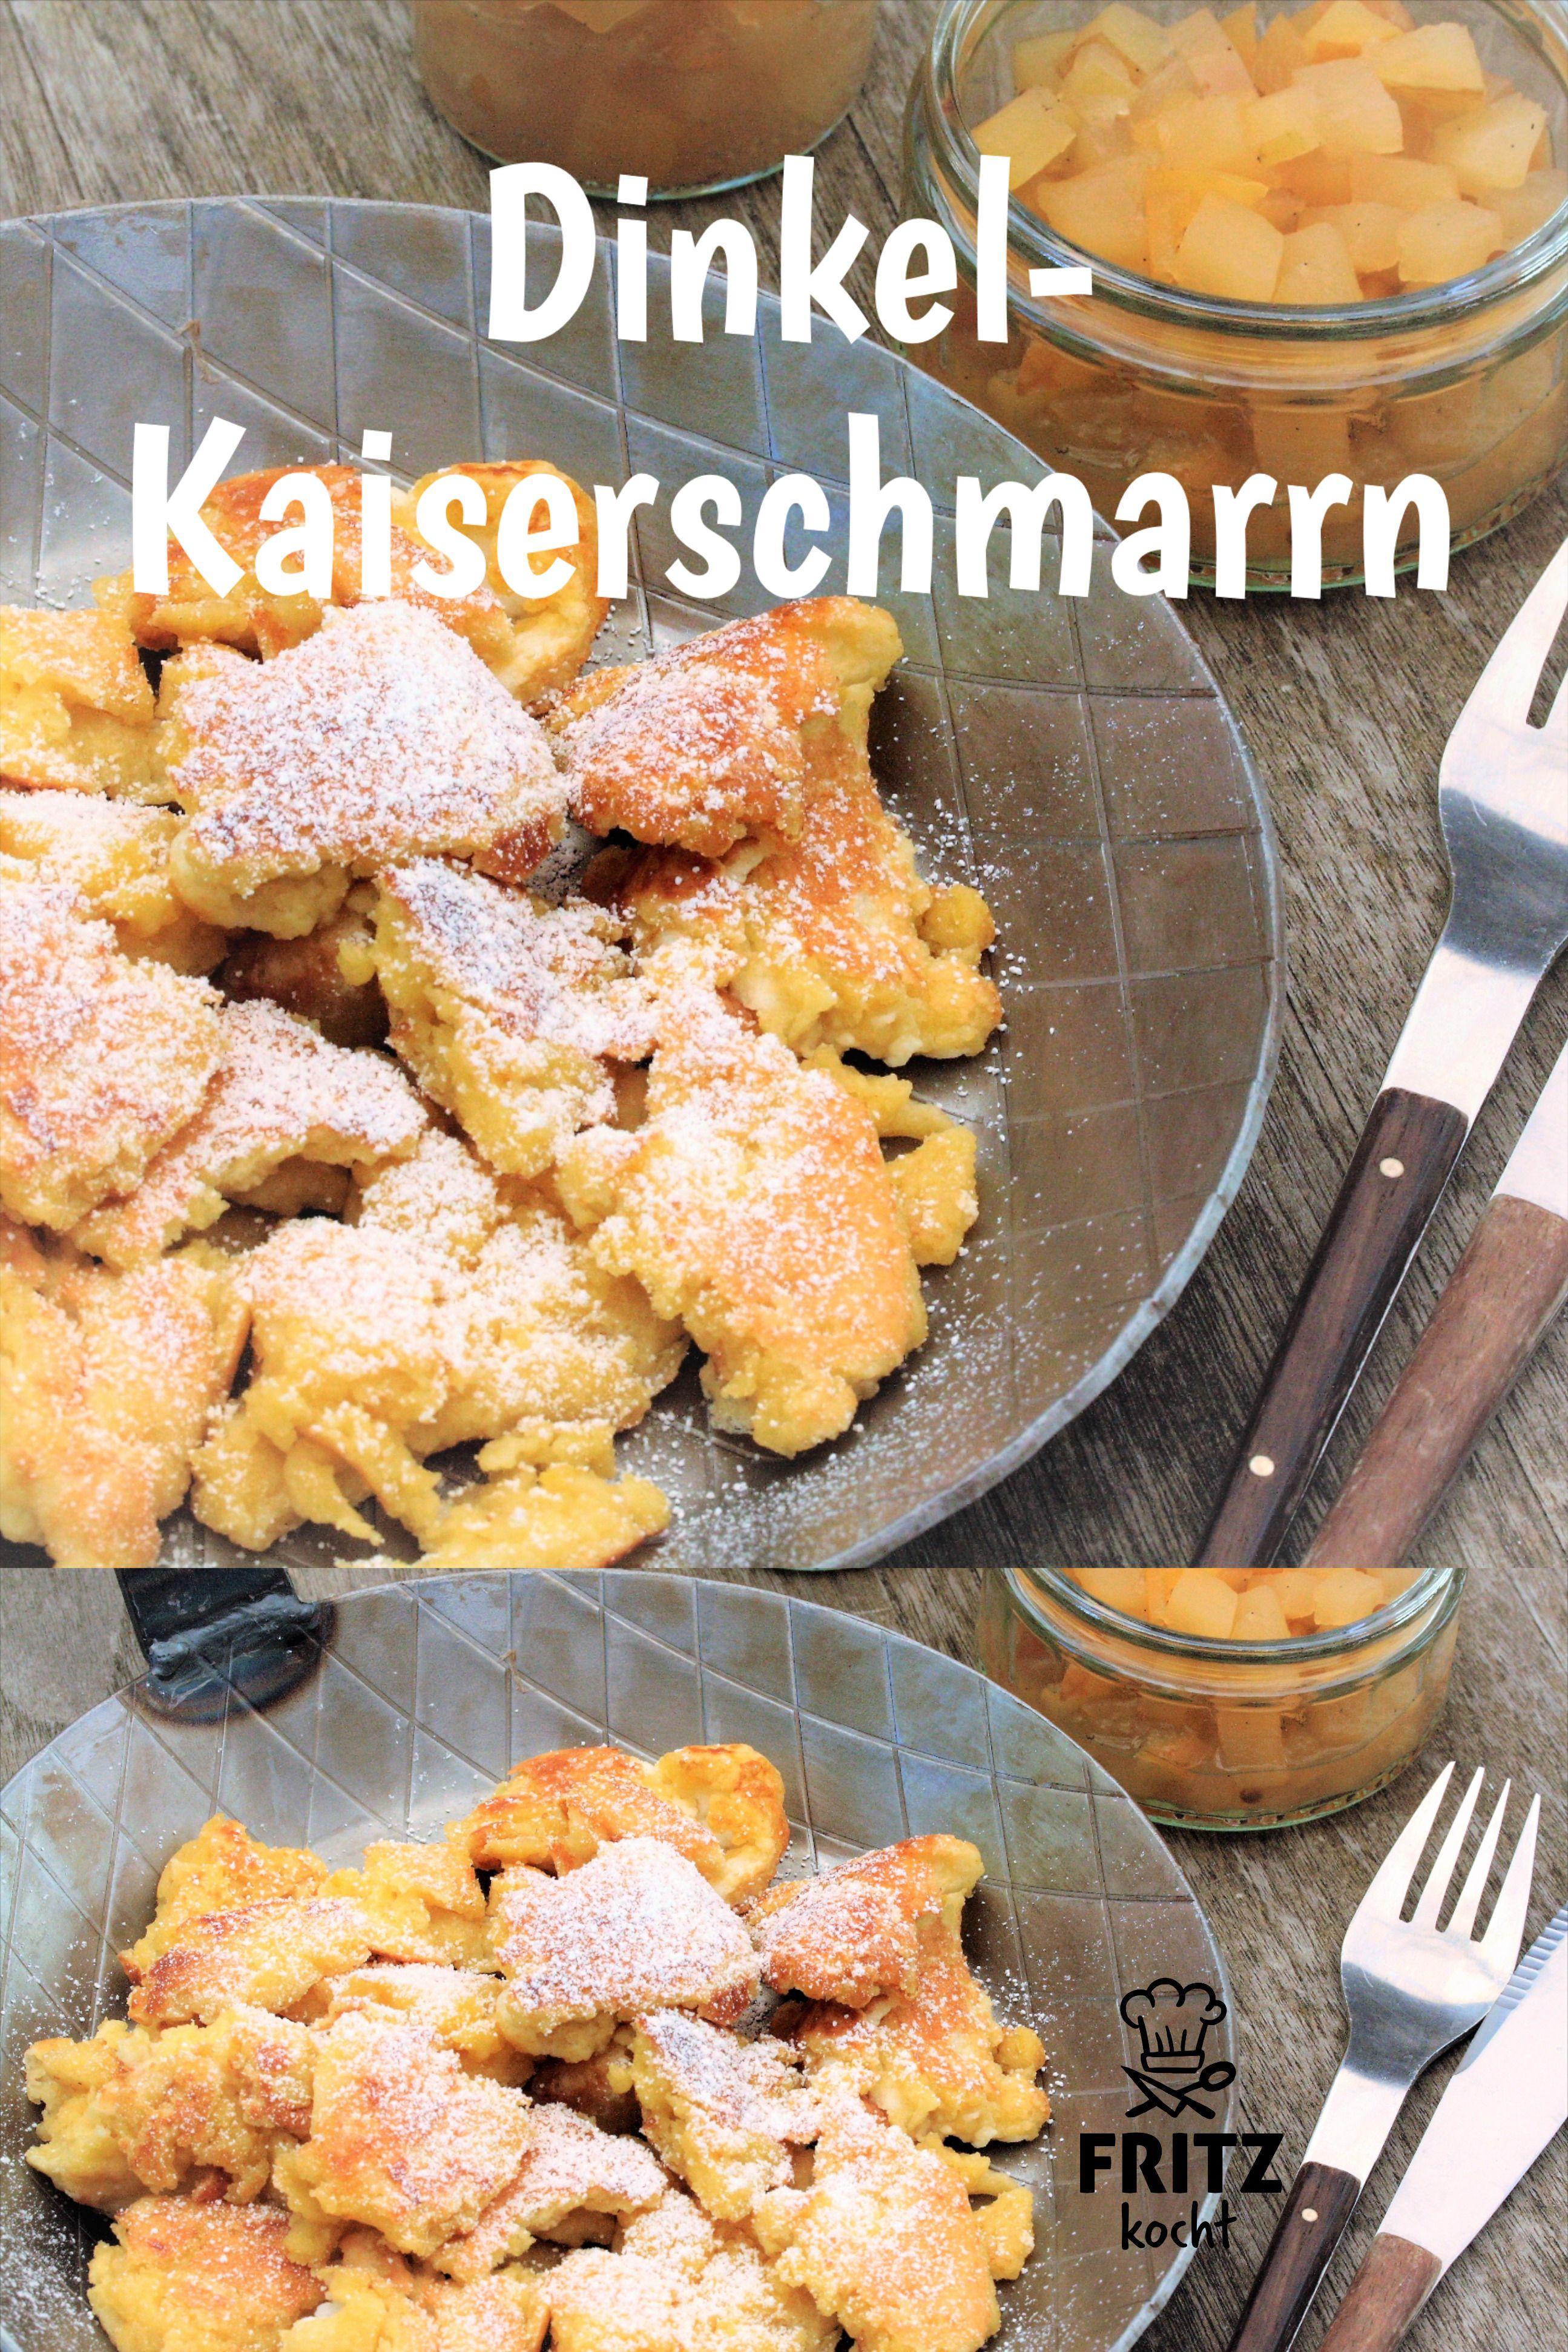 Pin Von Heike Schramm Auf Schmarrn Suss In 2020 Kaiserschmarrn Kaiserschmarrn Rezept Goji Beeren